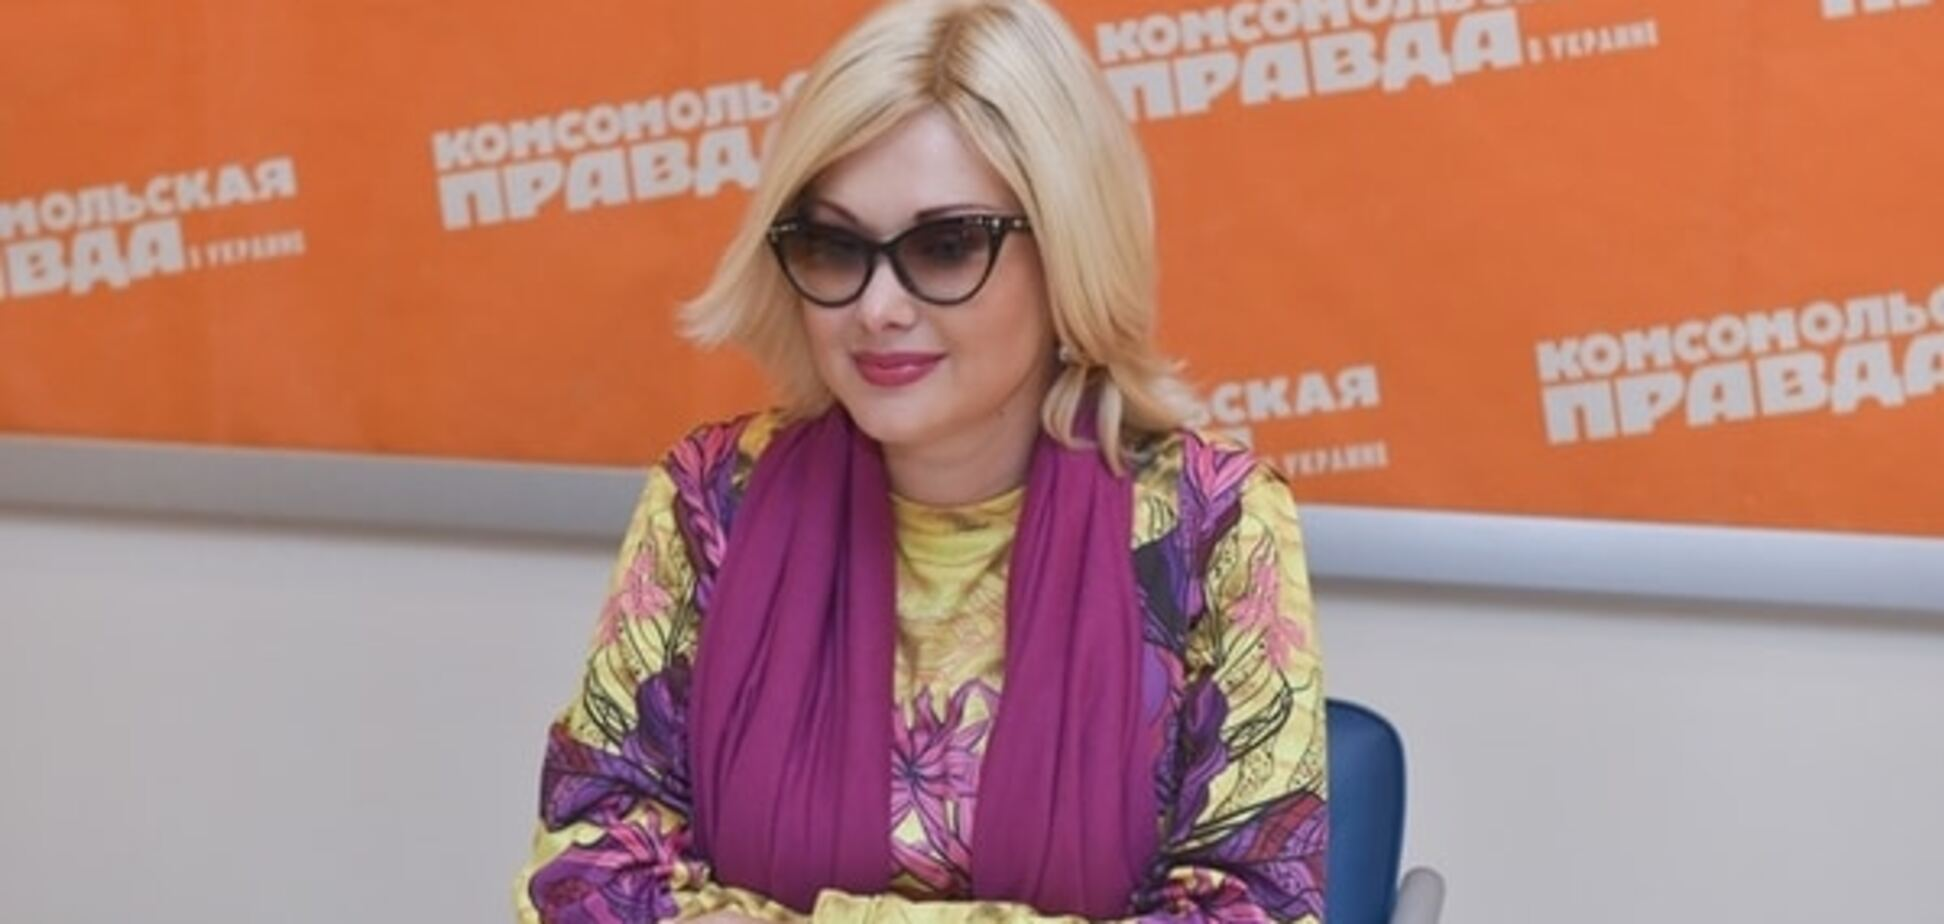 Бужинская рассказала, как стала домохозяйкой в Болгарии